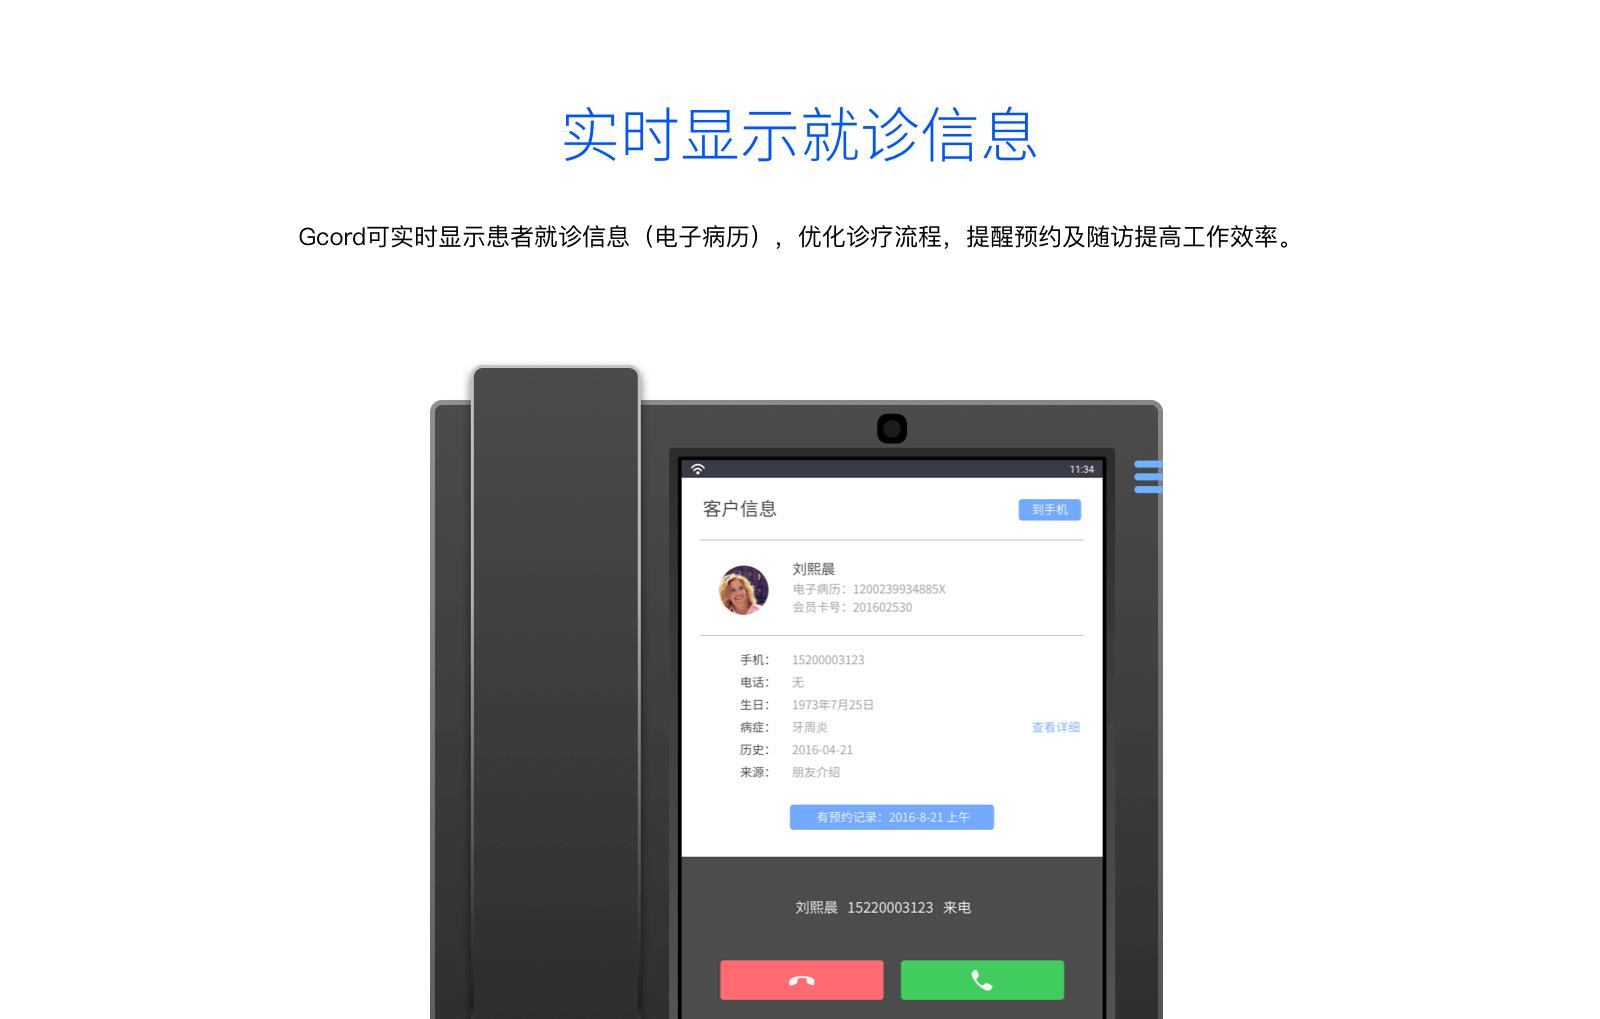 2.555a9d0.png